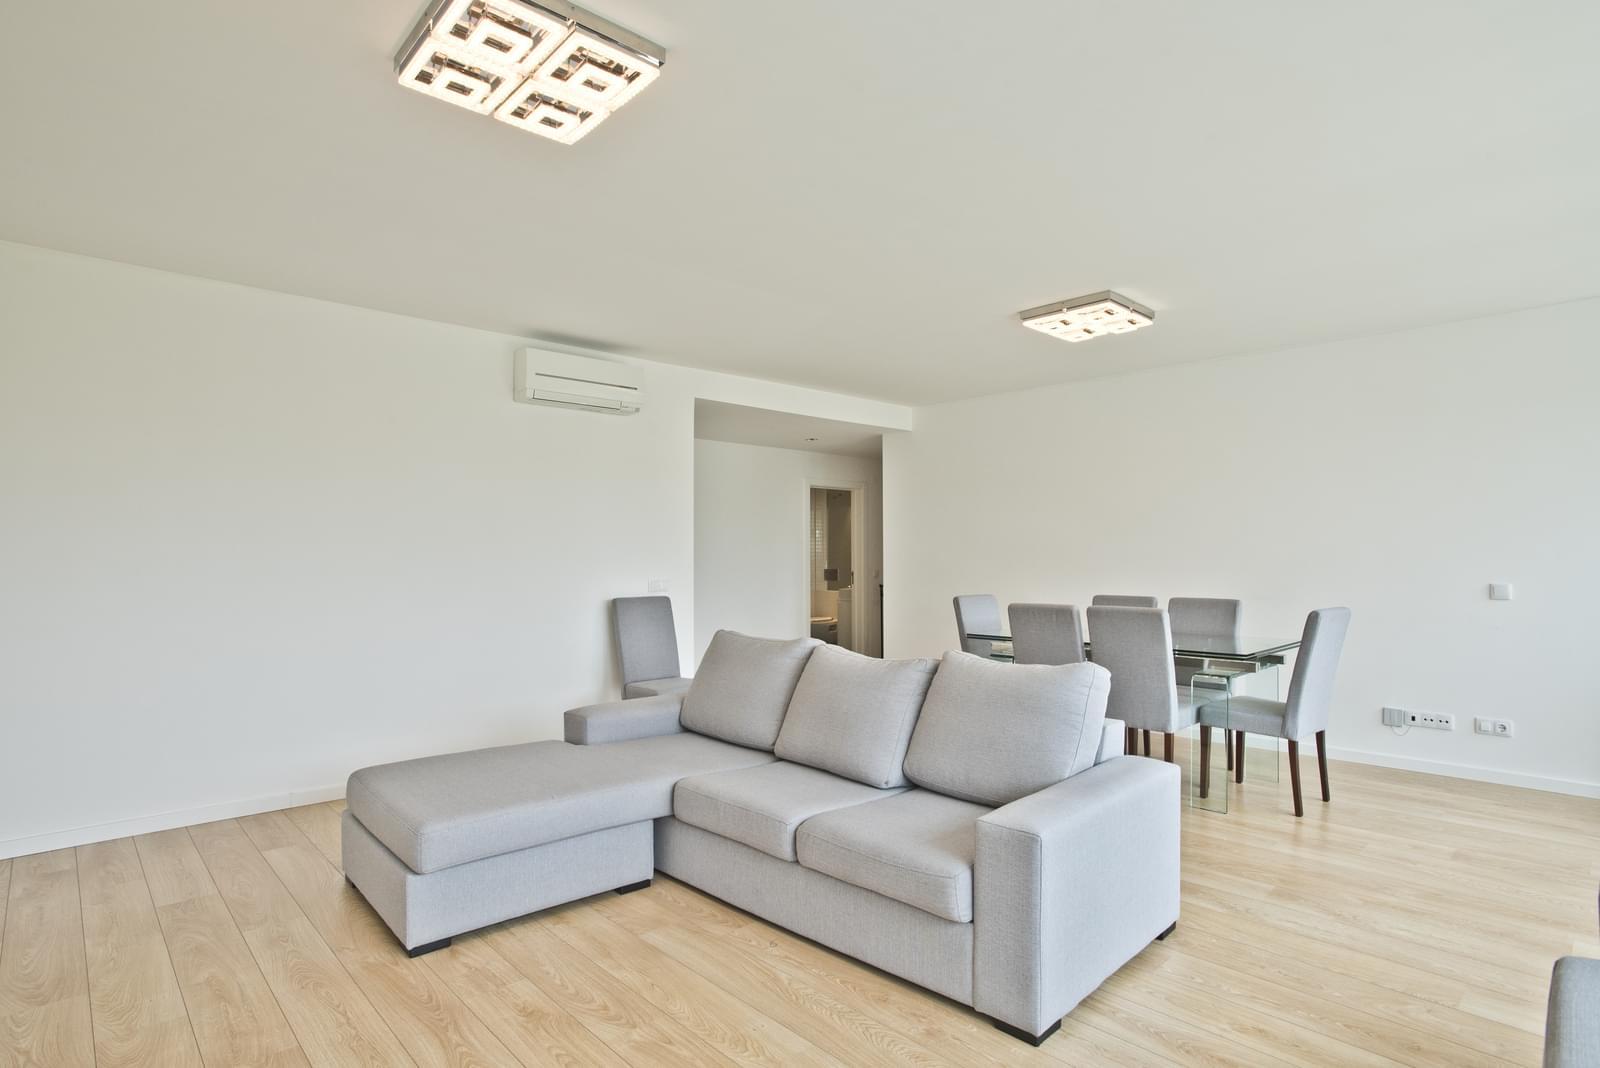 pf13975-apartamento-t4-oeiras-2955e274-50ee-4ca3-9063-3e014d0e95fb